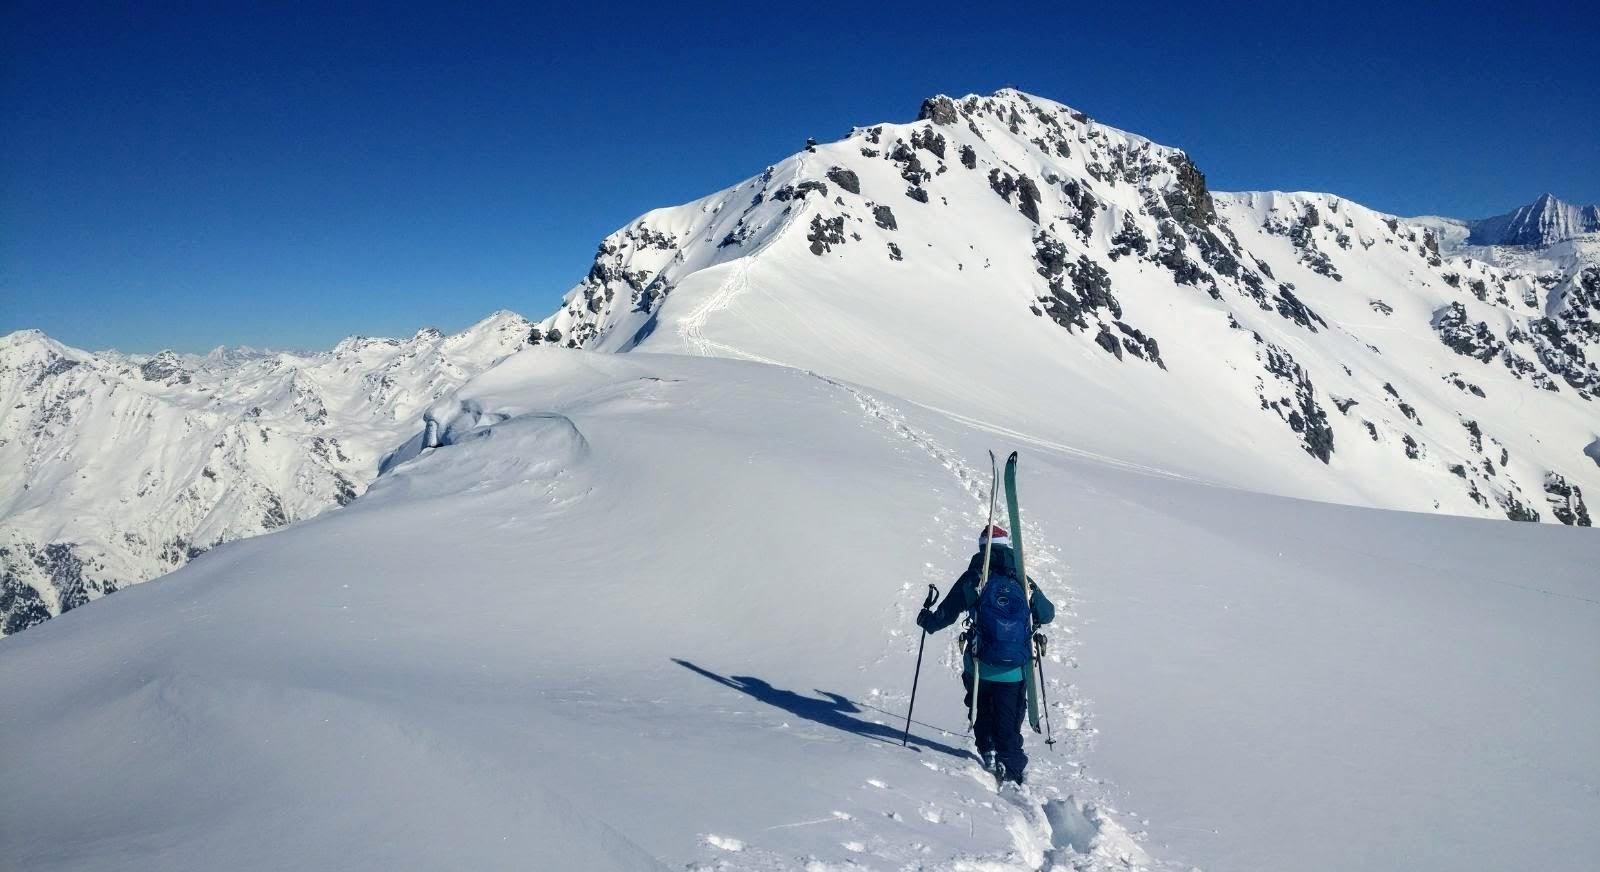 Off+piste+boot+packing+verbier +skiing.jpg